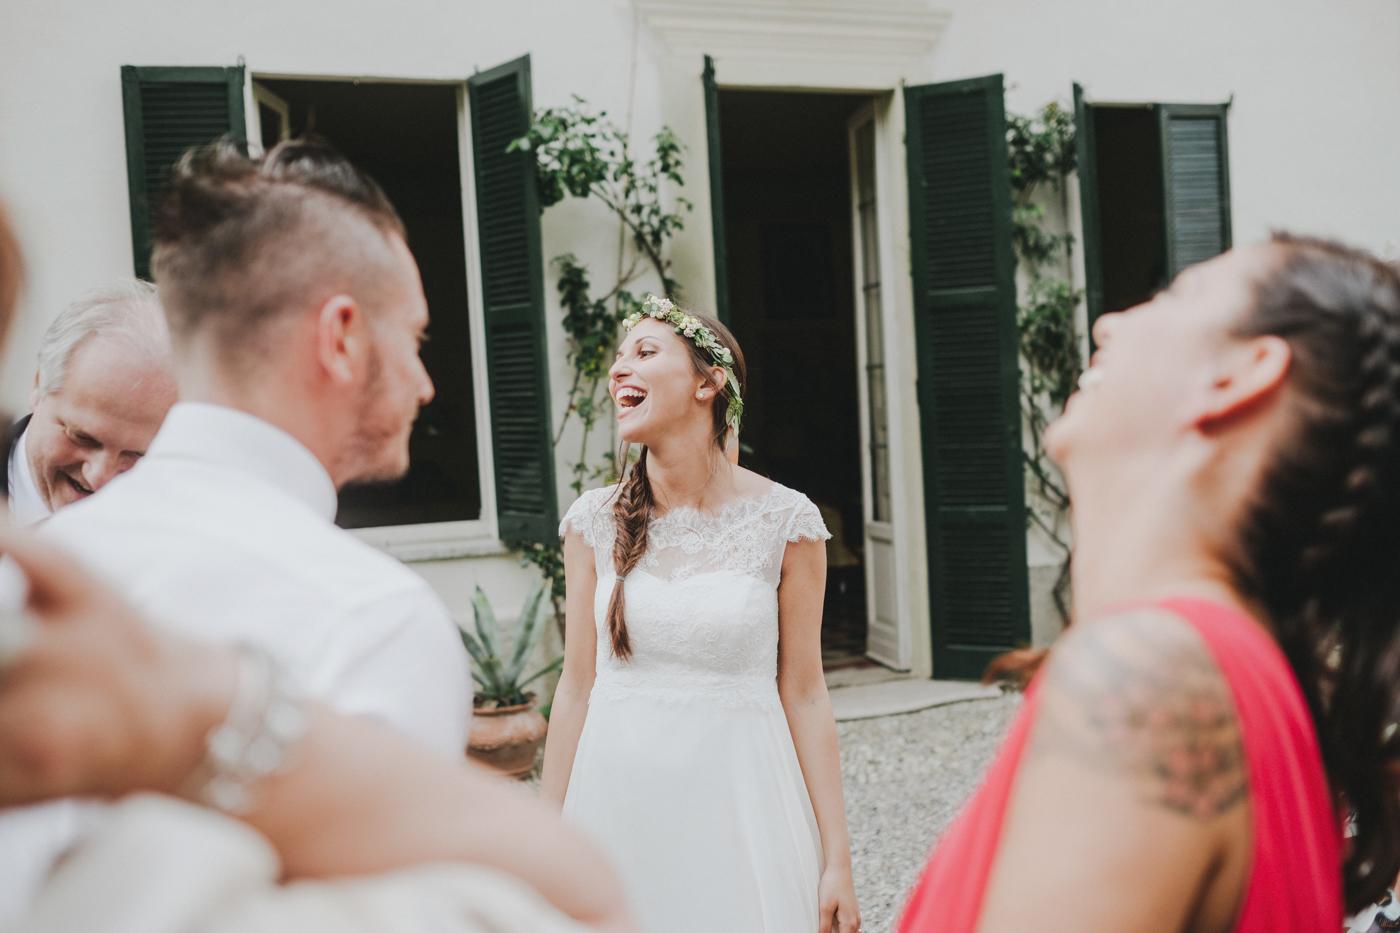 fotografo matrimonio como-149.jpg